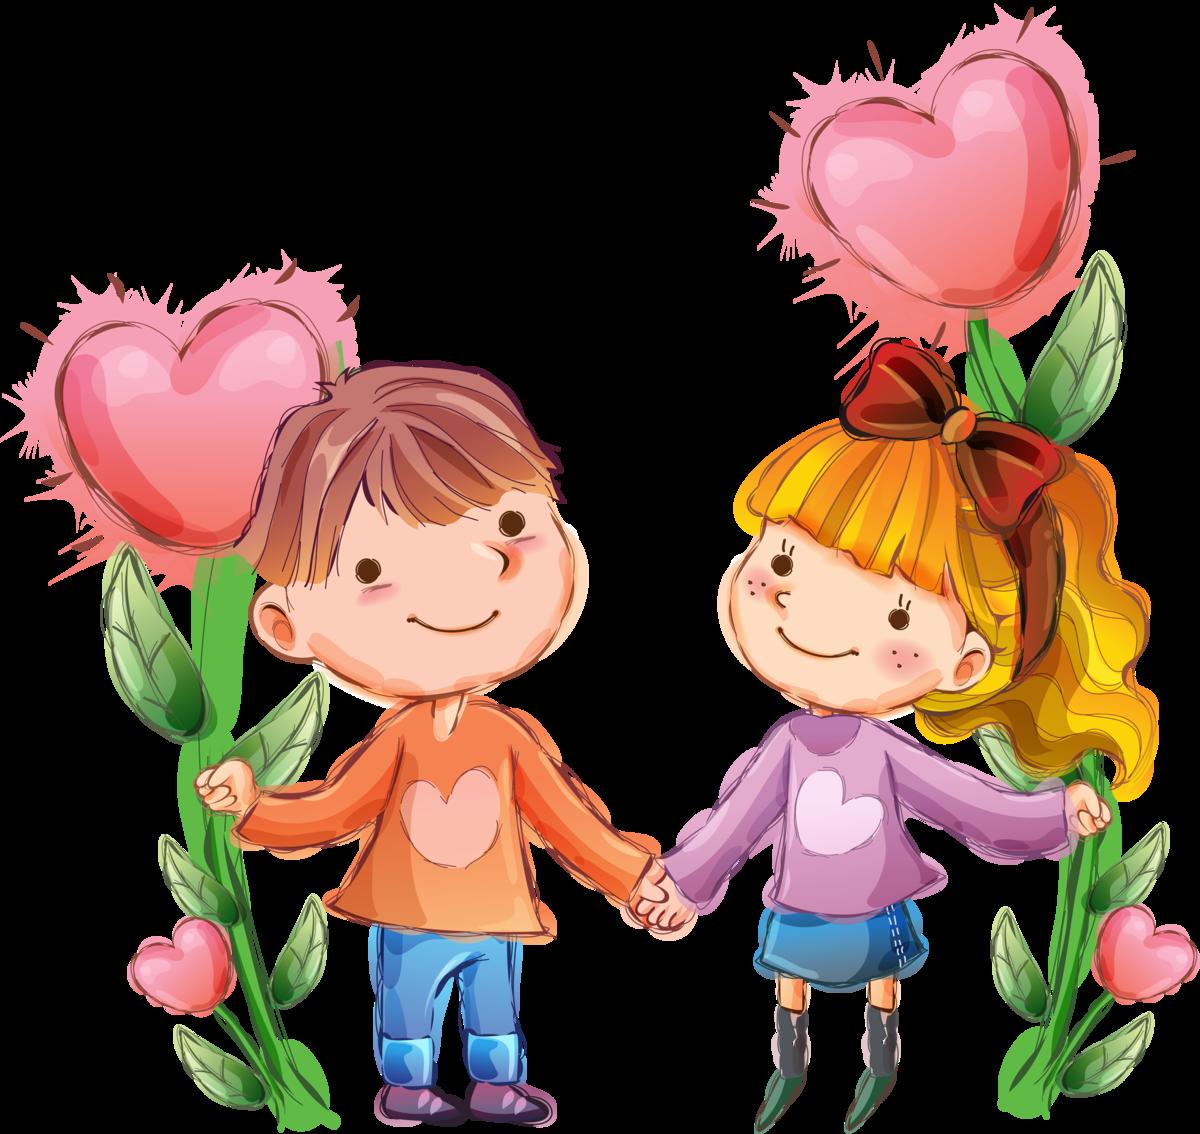 Картинка дружбы для детей, спасибо